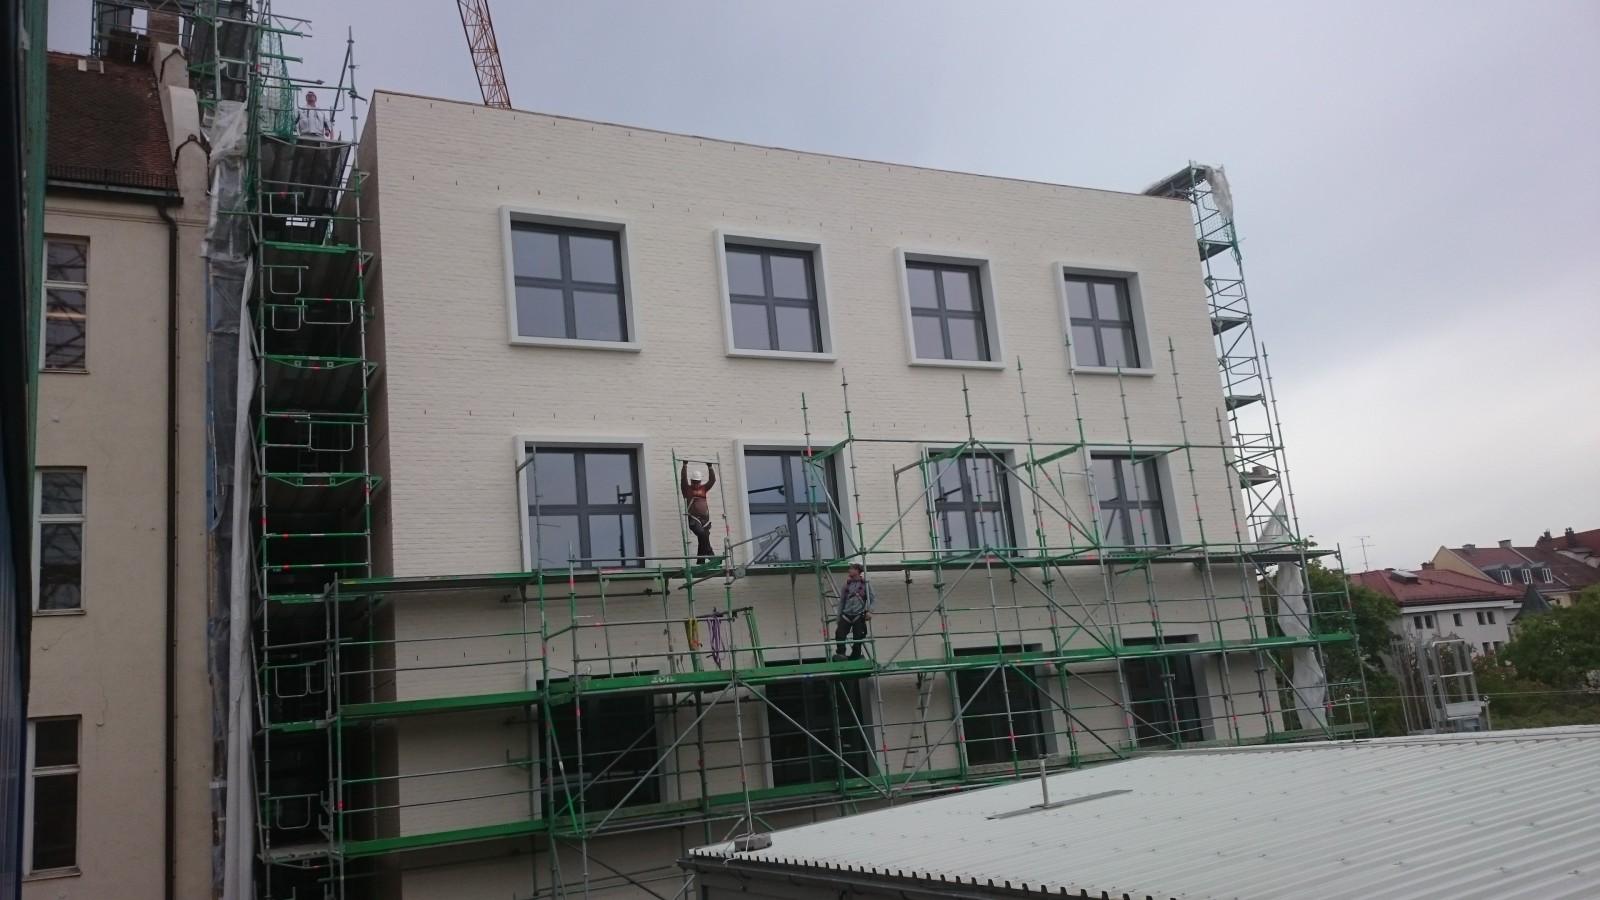 Grundschule Haimhauser Straße, Neubau, München